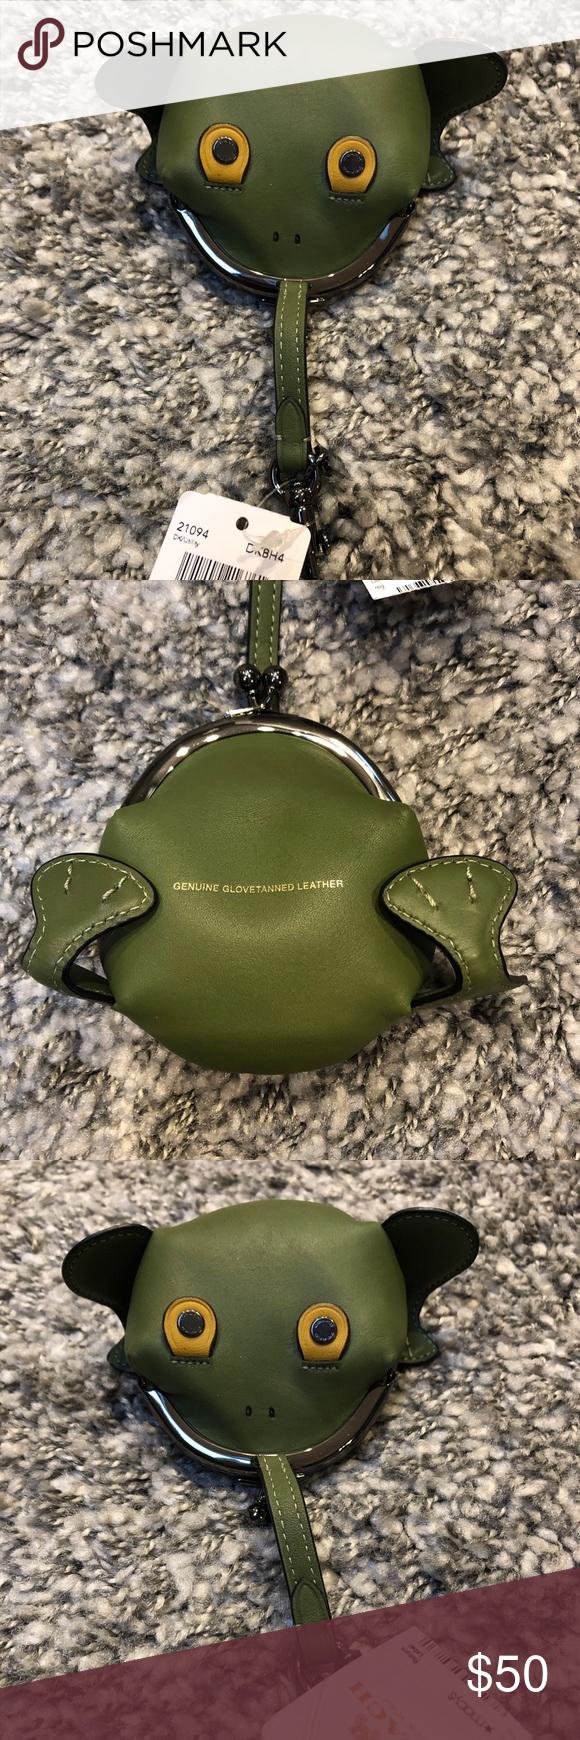 de0512c3d8de Coach Froggy Leather Coin Case NWT SIZE INFO 3 ½